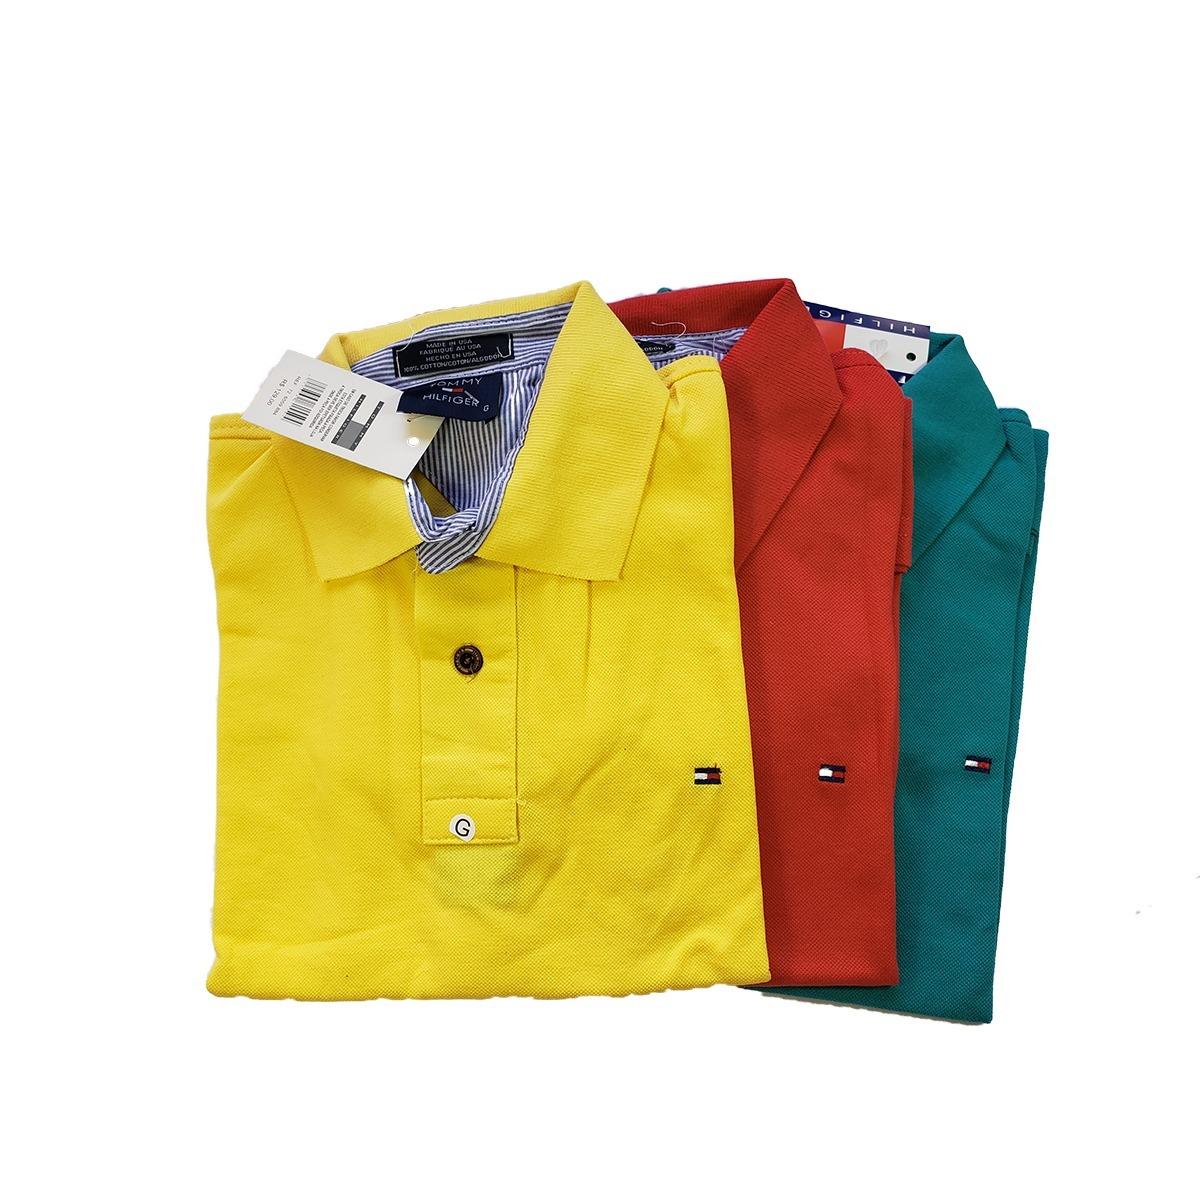 7e0fee5b60 promocao camiseta gola polo lisa kit com 5 preco mais barato. Carregando  zoom.